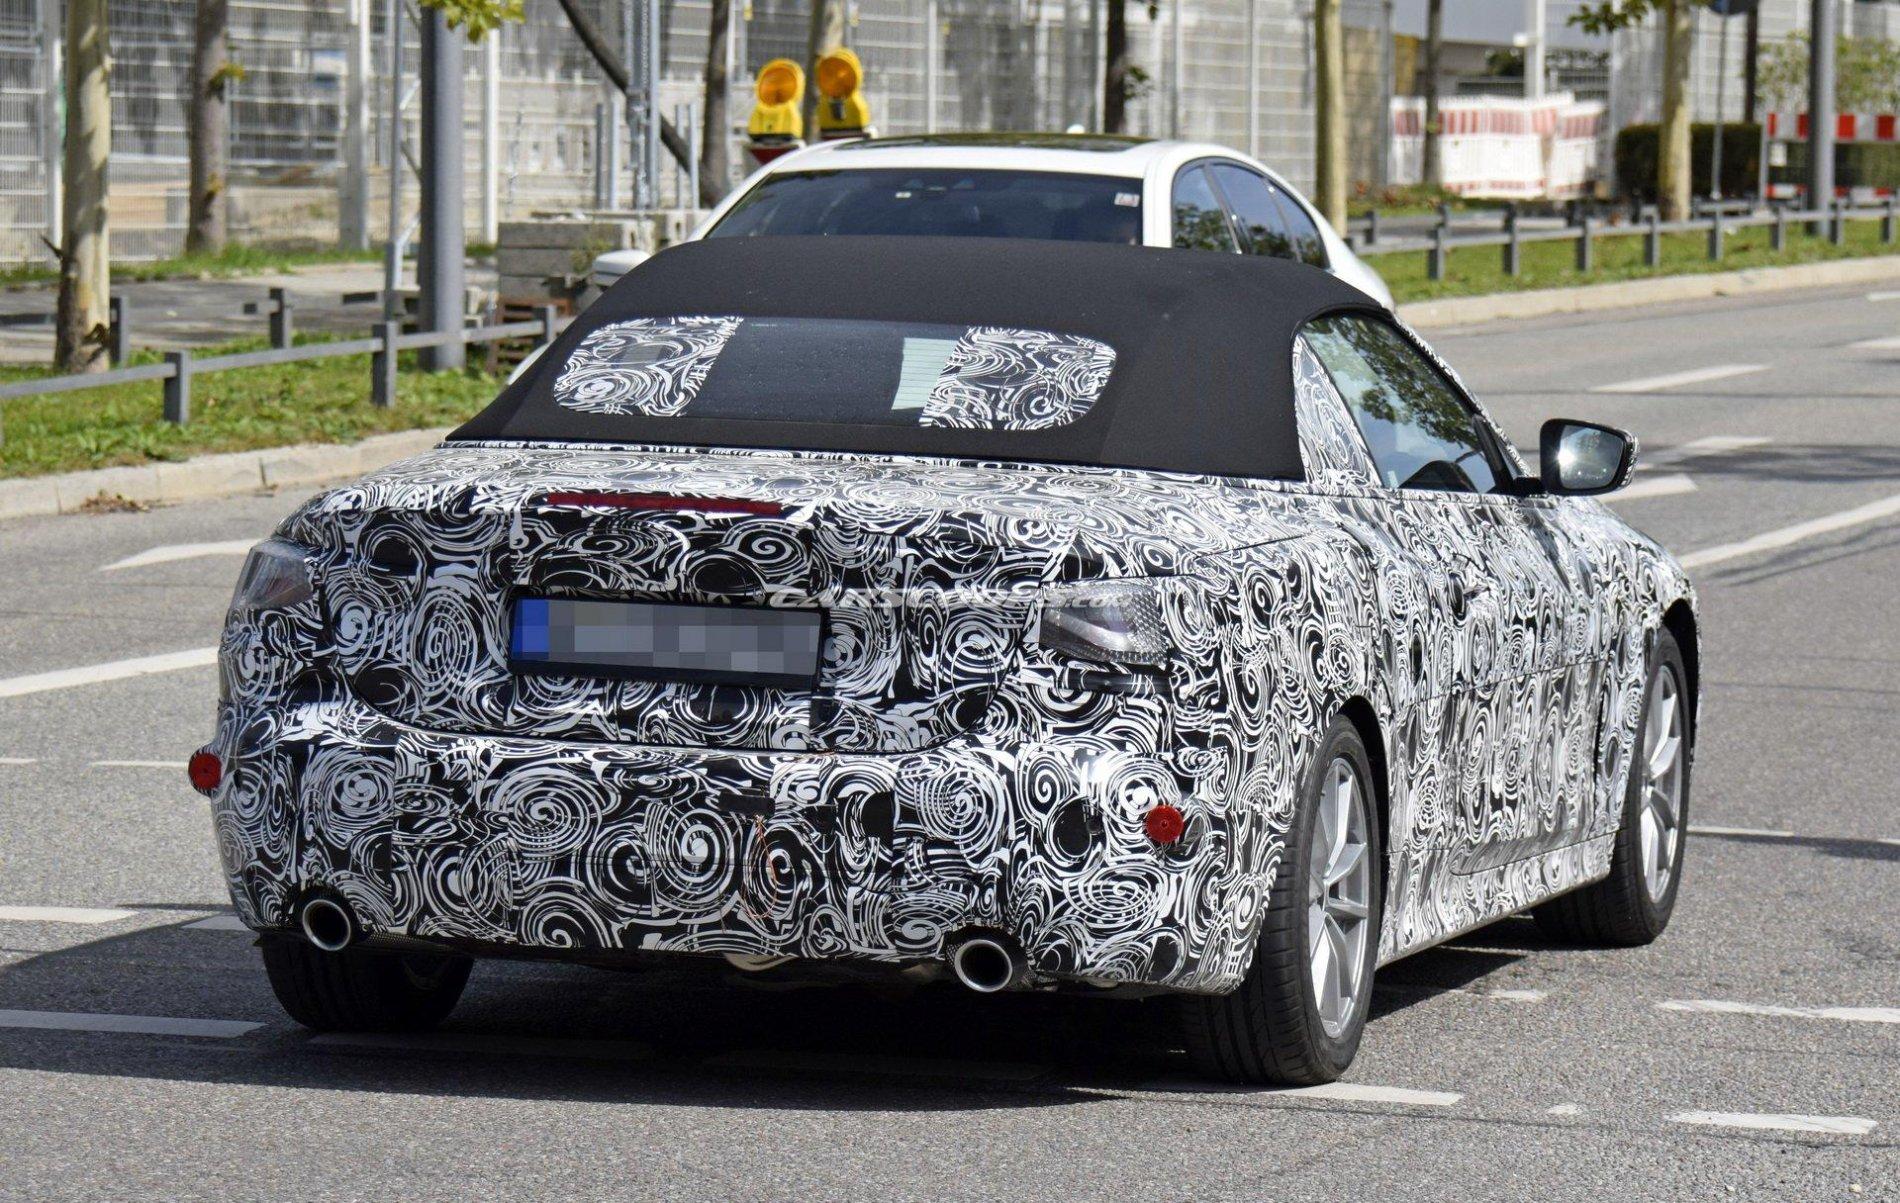 BMW Seria 4 Cabrio - Poze spion - BMW Seria 4 Cabrio - Poze spion